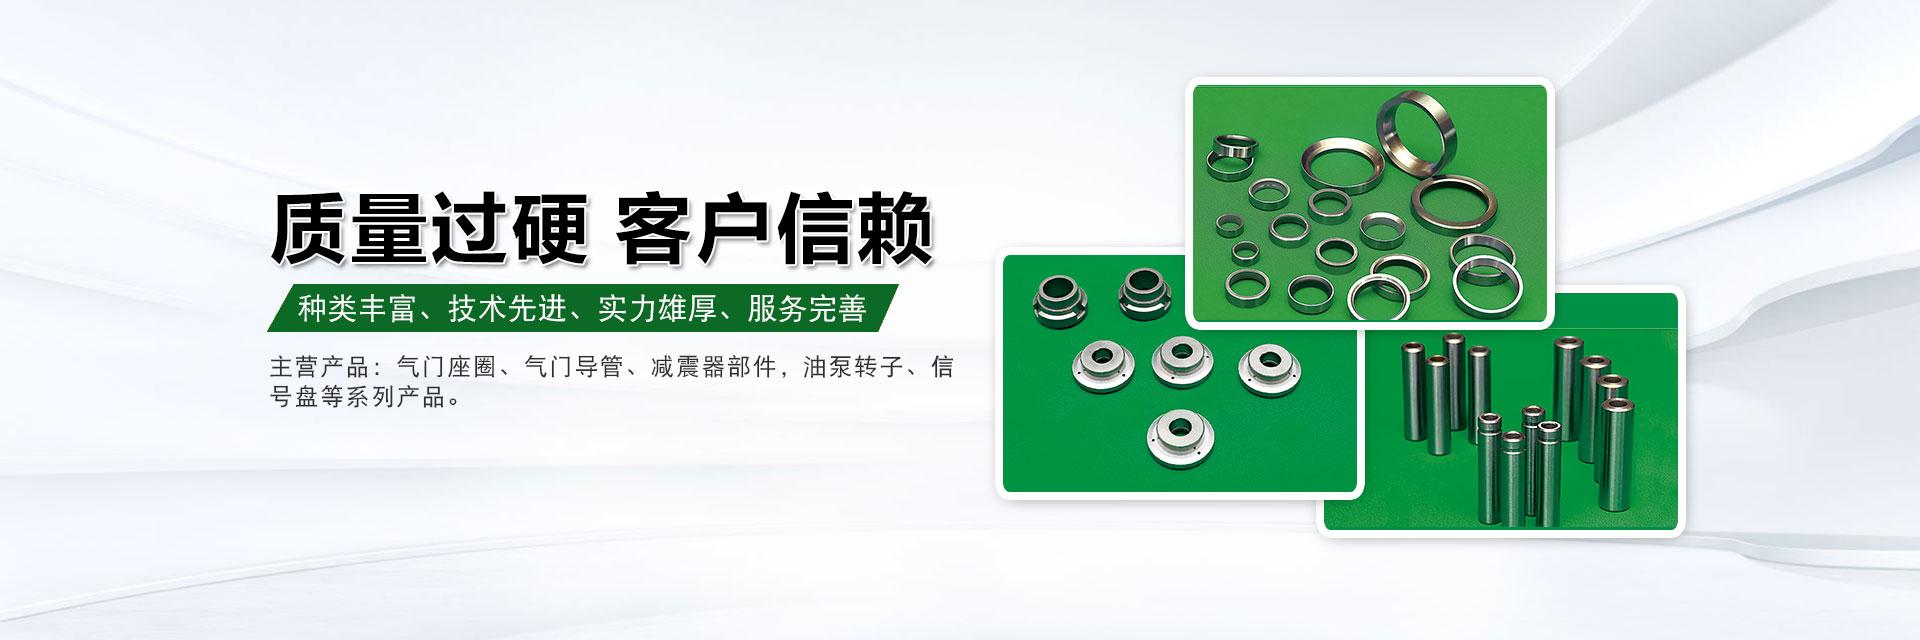 安庆帝伯粉末冶金有限公司